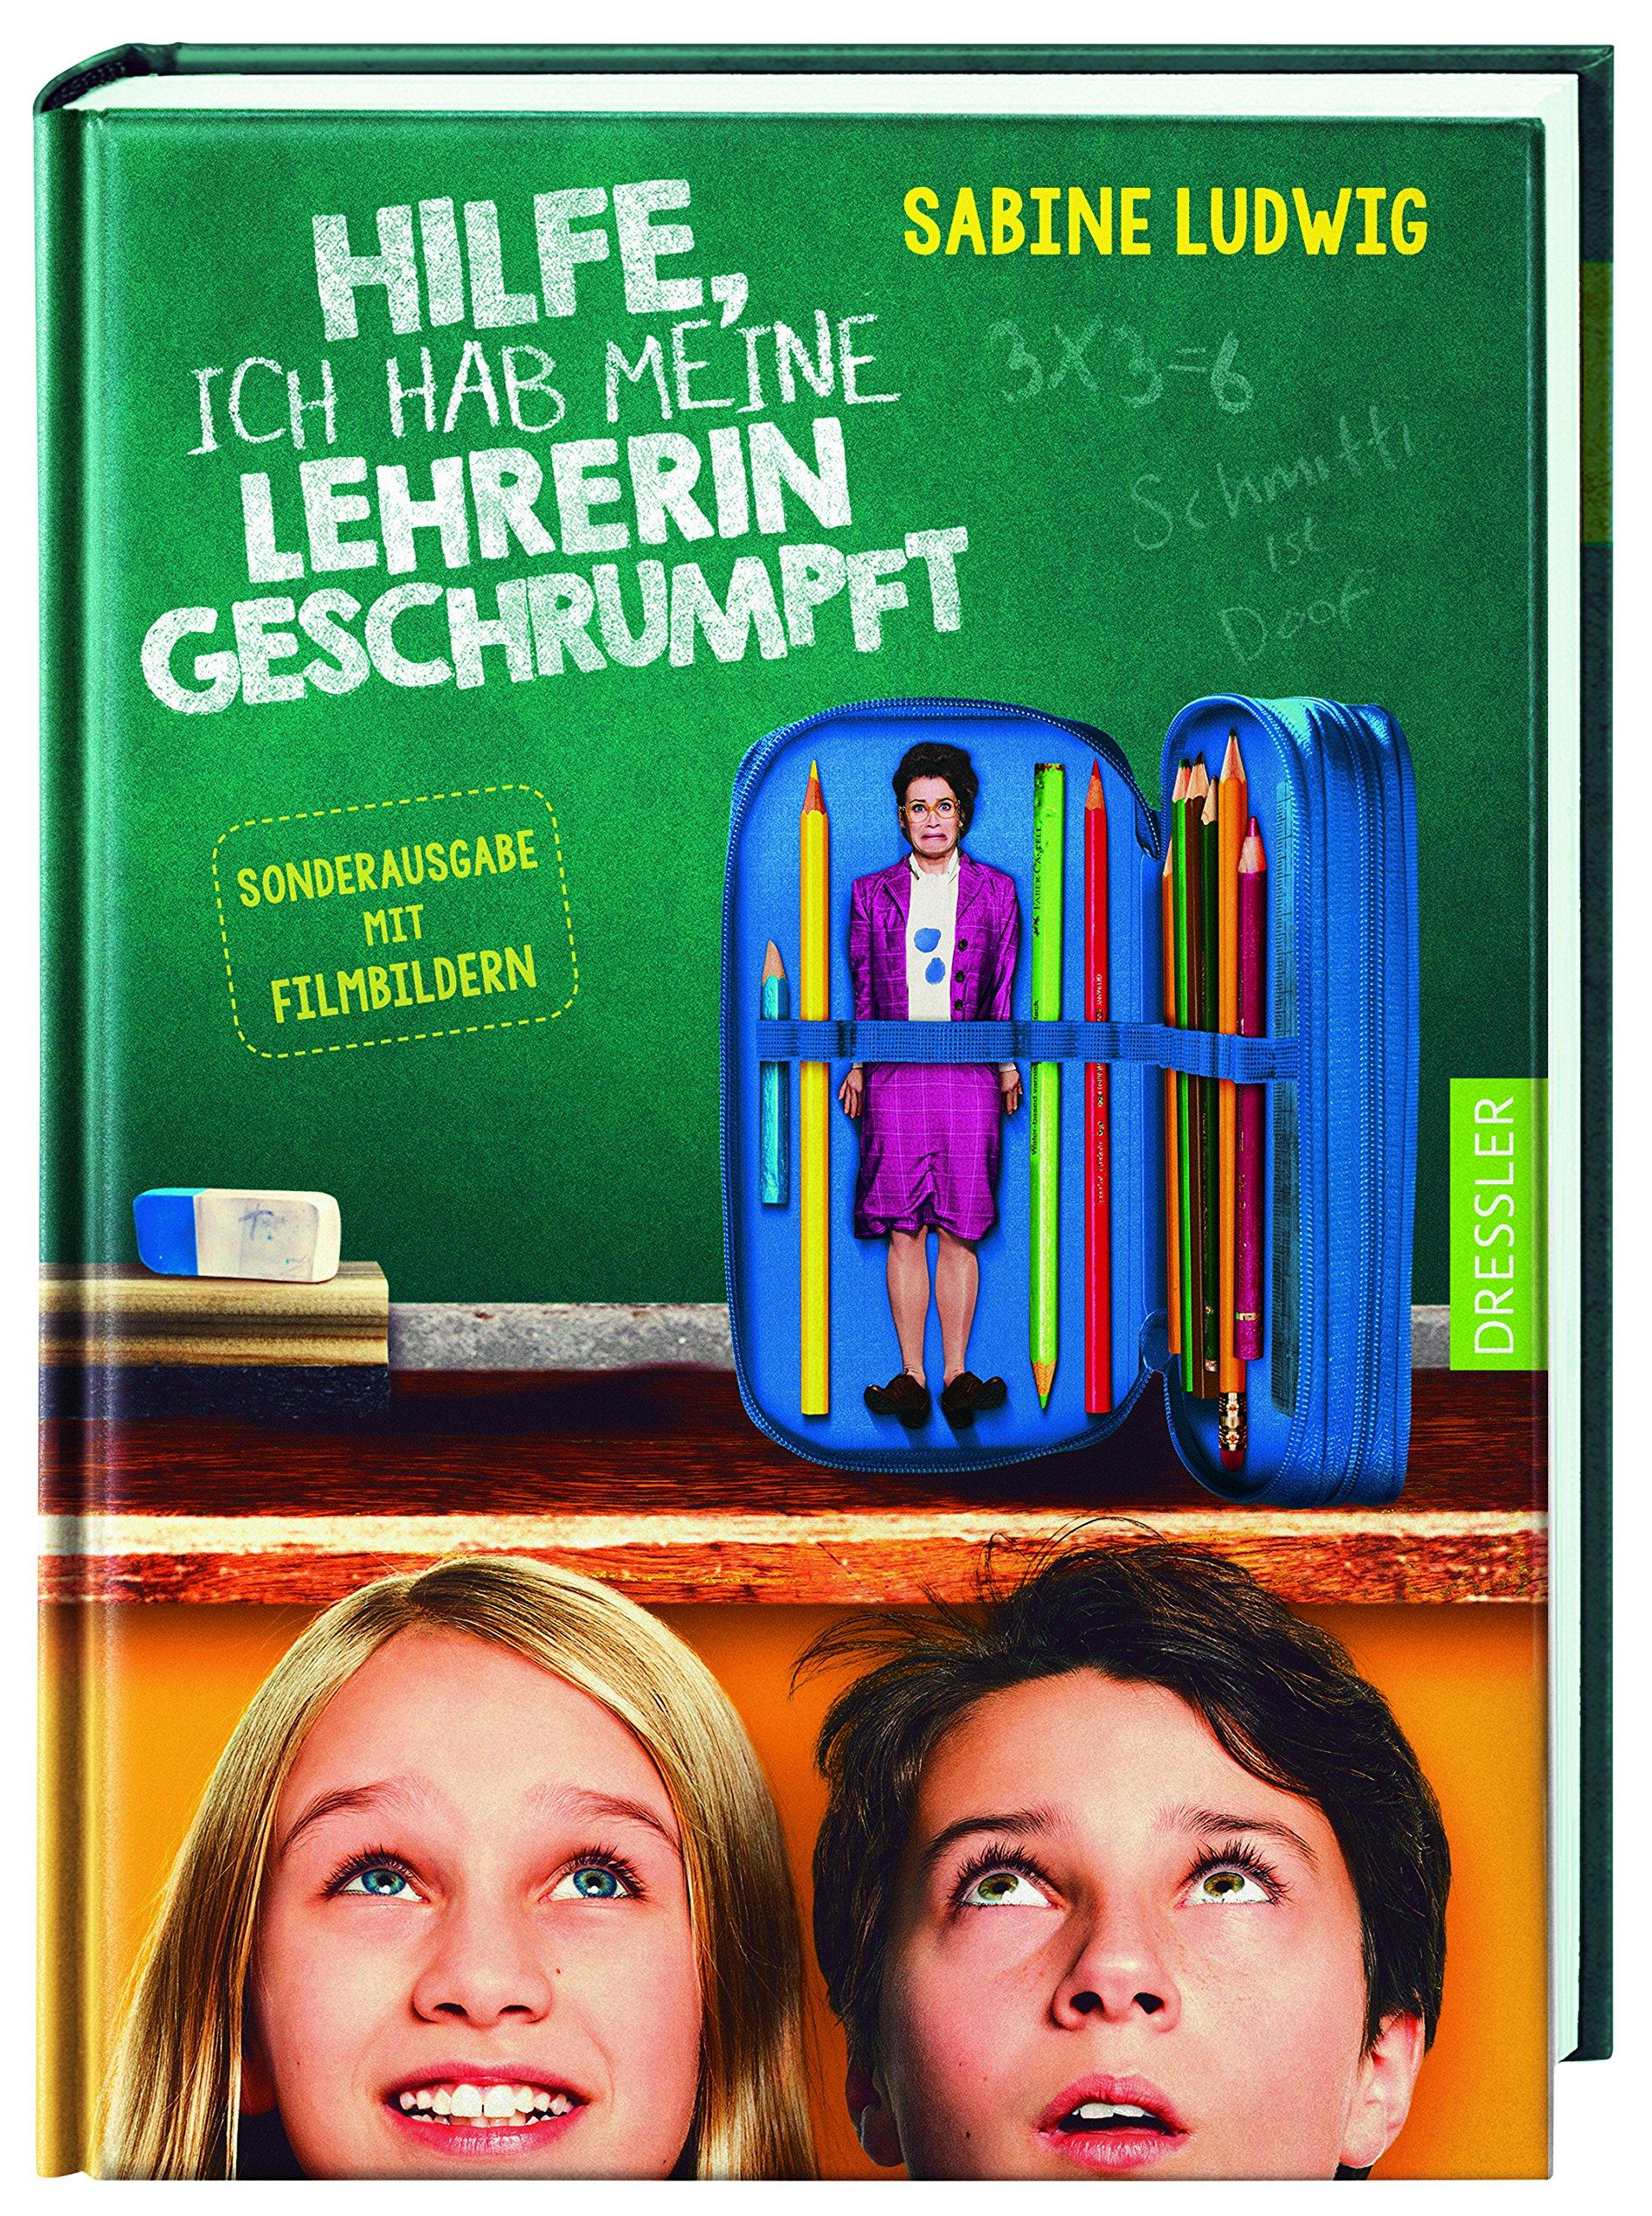 Sabine Ludwig: Hilfe, ich habe meine Lehrerin geschrumpft